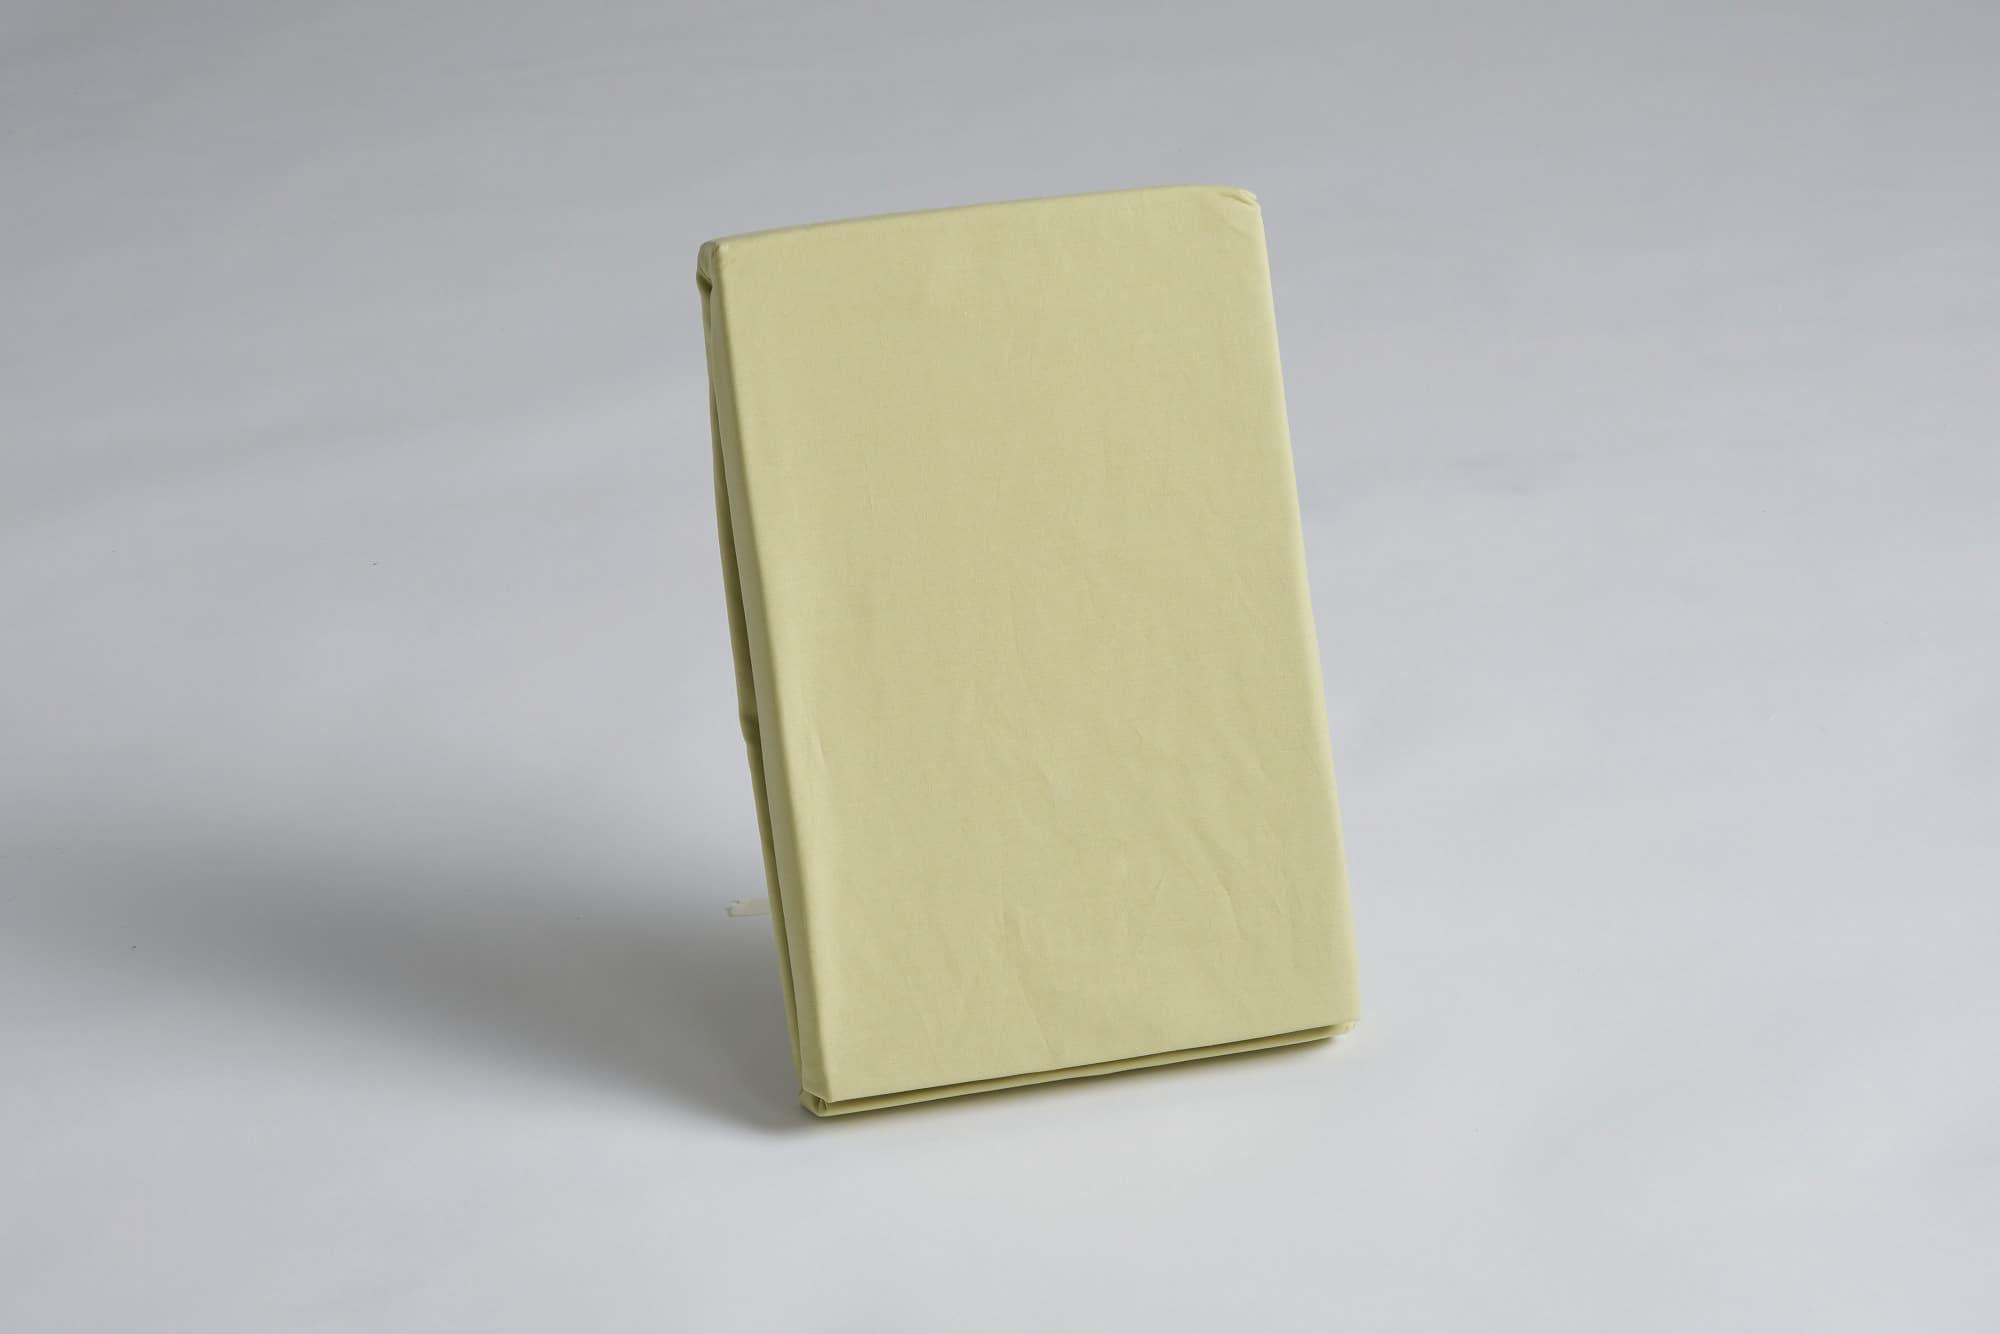 ボックスシーツ シングル用 45H グリーン:《綿100%を使用したボックスシーツ》